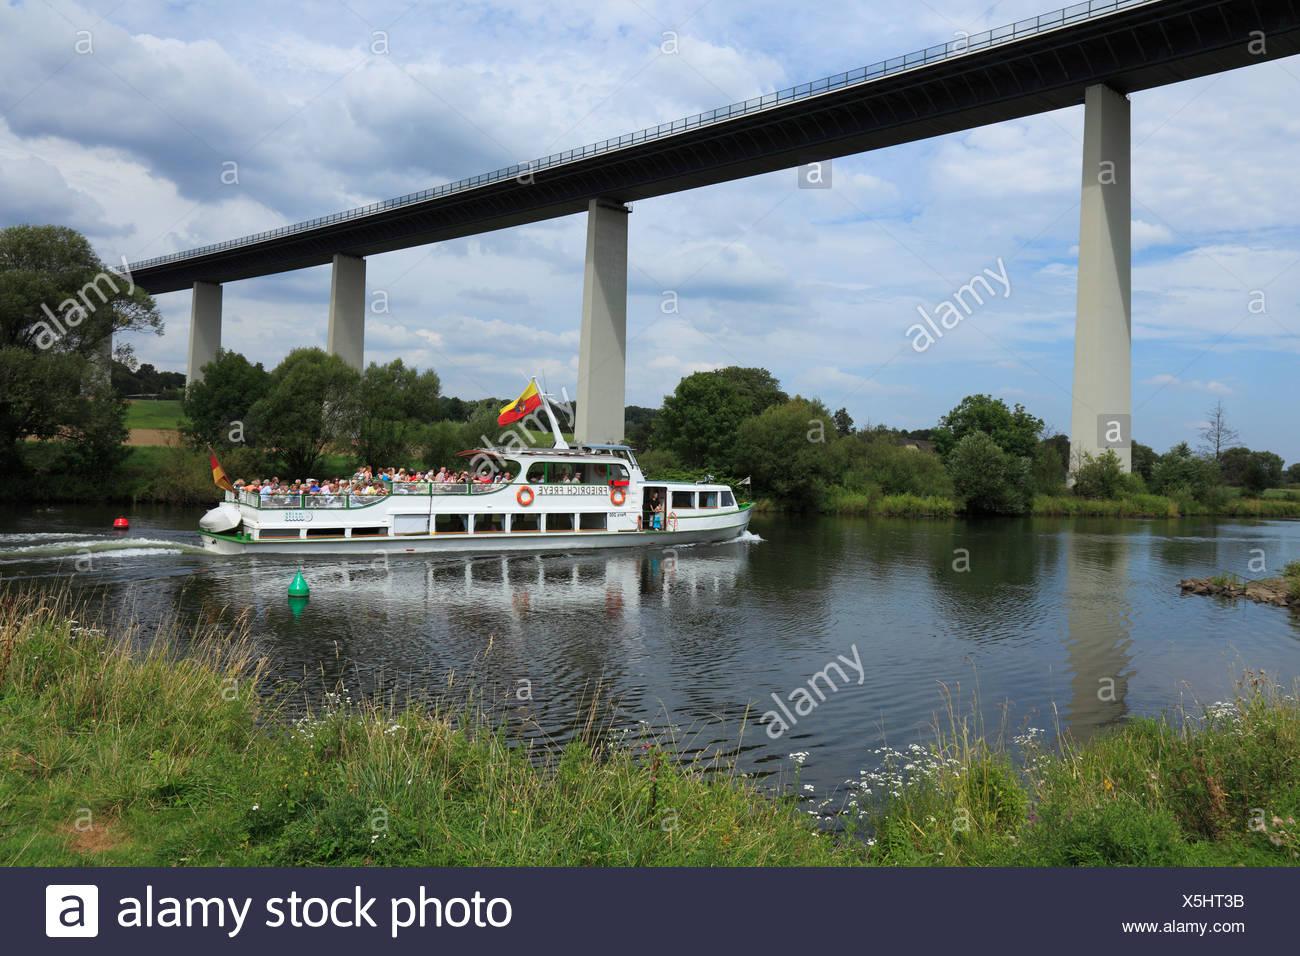 Iexcursion boat, white fleet, Mintarder Ruhr valley bridge, bridge, Mulheim on Ruhr, Ruhr area, North Rhine-Westphalia, Germany, - Stock Image